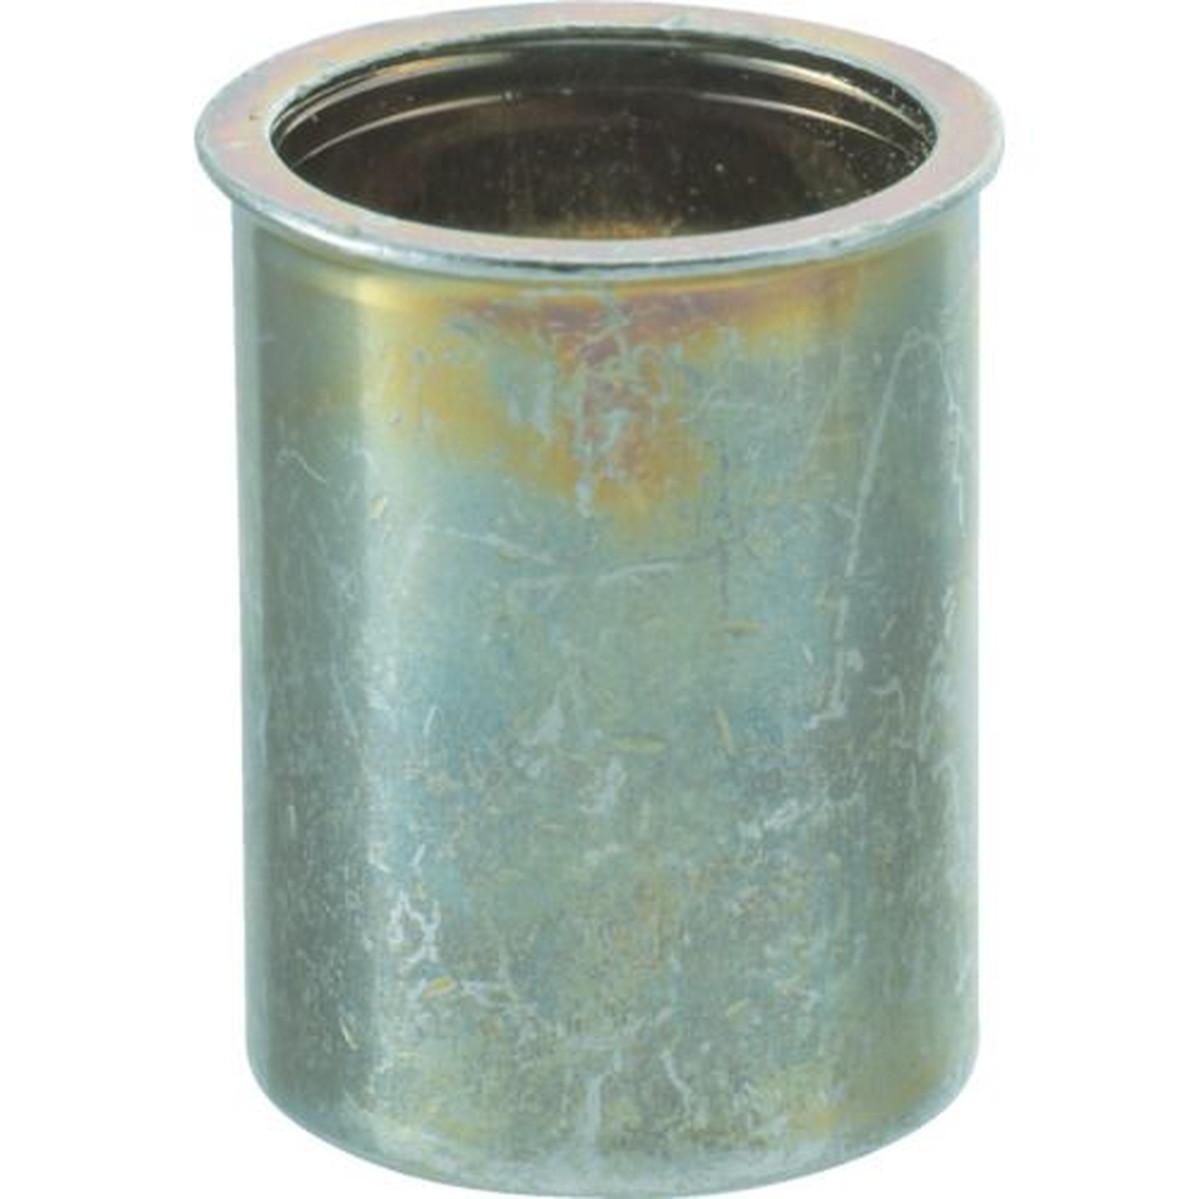 最も優遇の TRUSCO TRUSCO クリンプナット薄頭スチール クリンプナット薄頭スチール 板厚3.5 板厚3.5 M4X0.7 1000個入 1箱, ライコウ:0995ccd6 --- promotime.lt